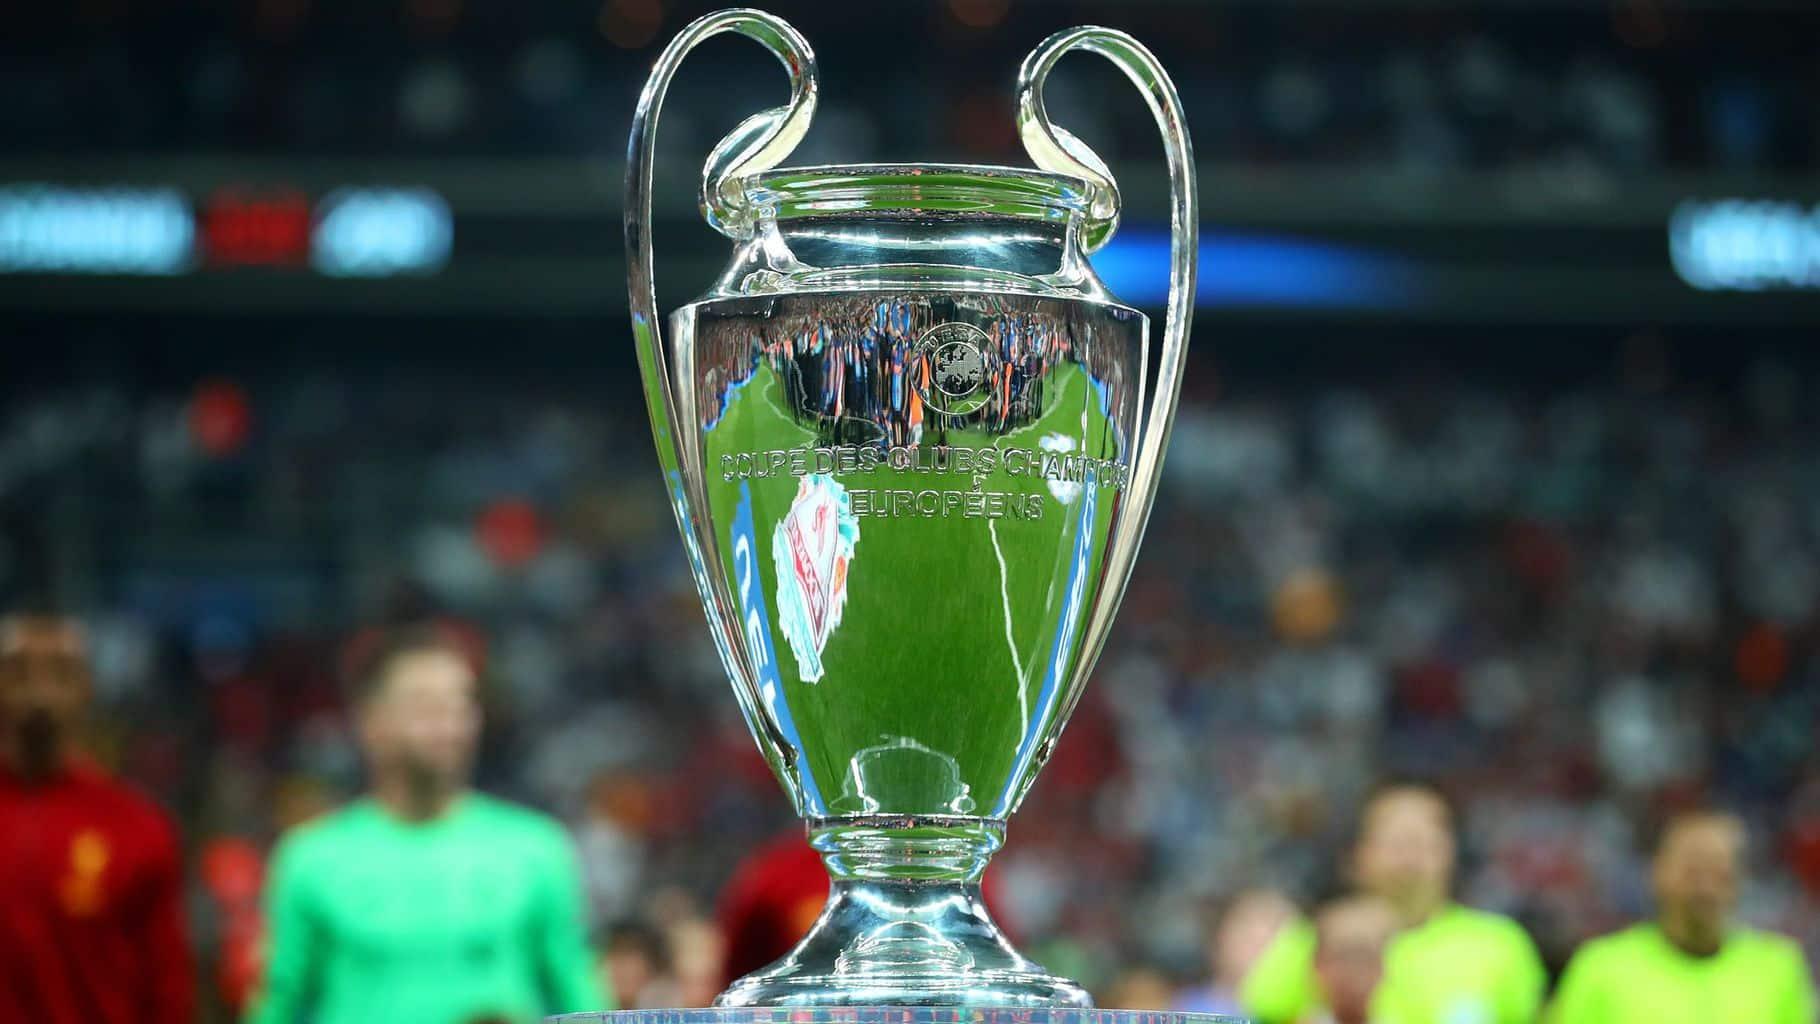 Chelsea vs Man City: Venue of Champions League final ...